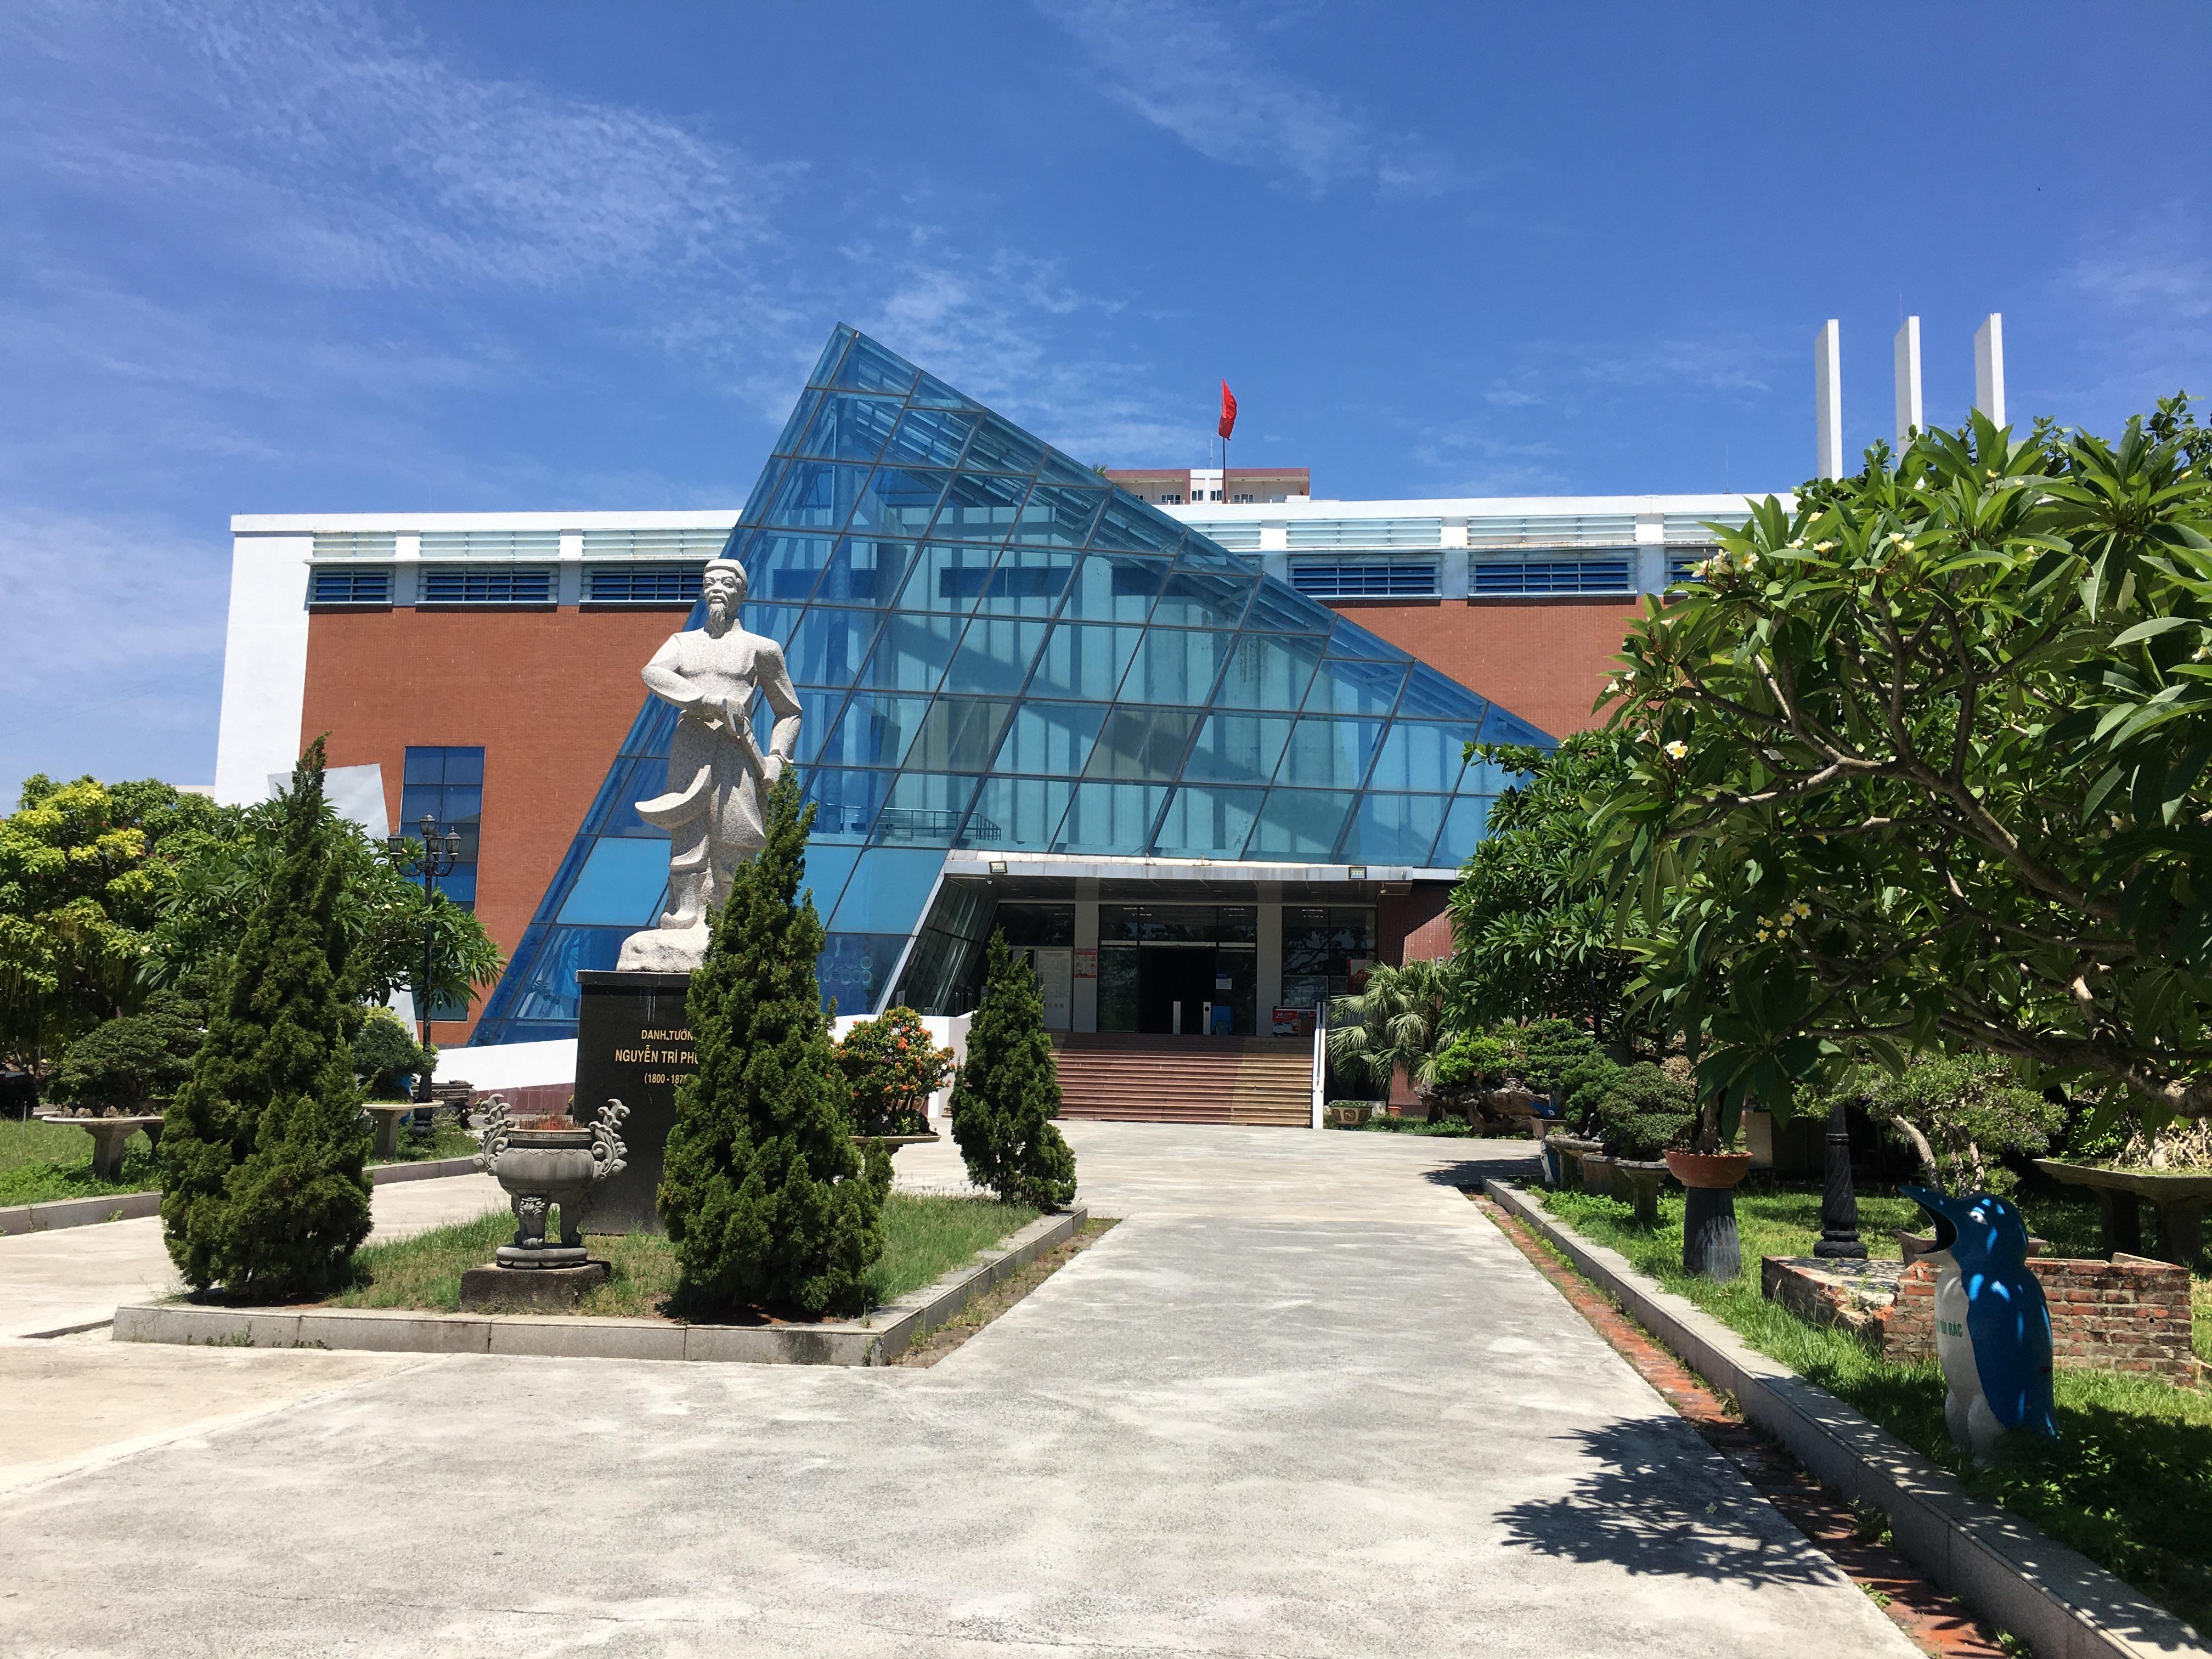 Các điểm du lịch trầm lắng trong ngày đầu Đà Nẵng miễn phí tham quan - Ảnh 3.